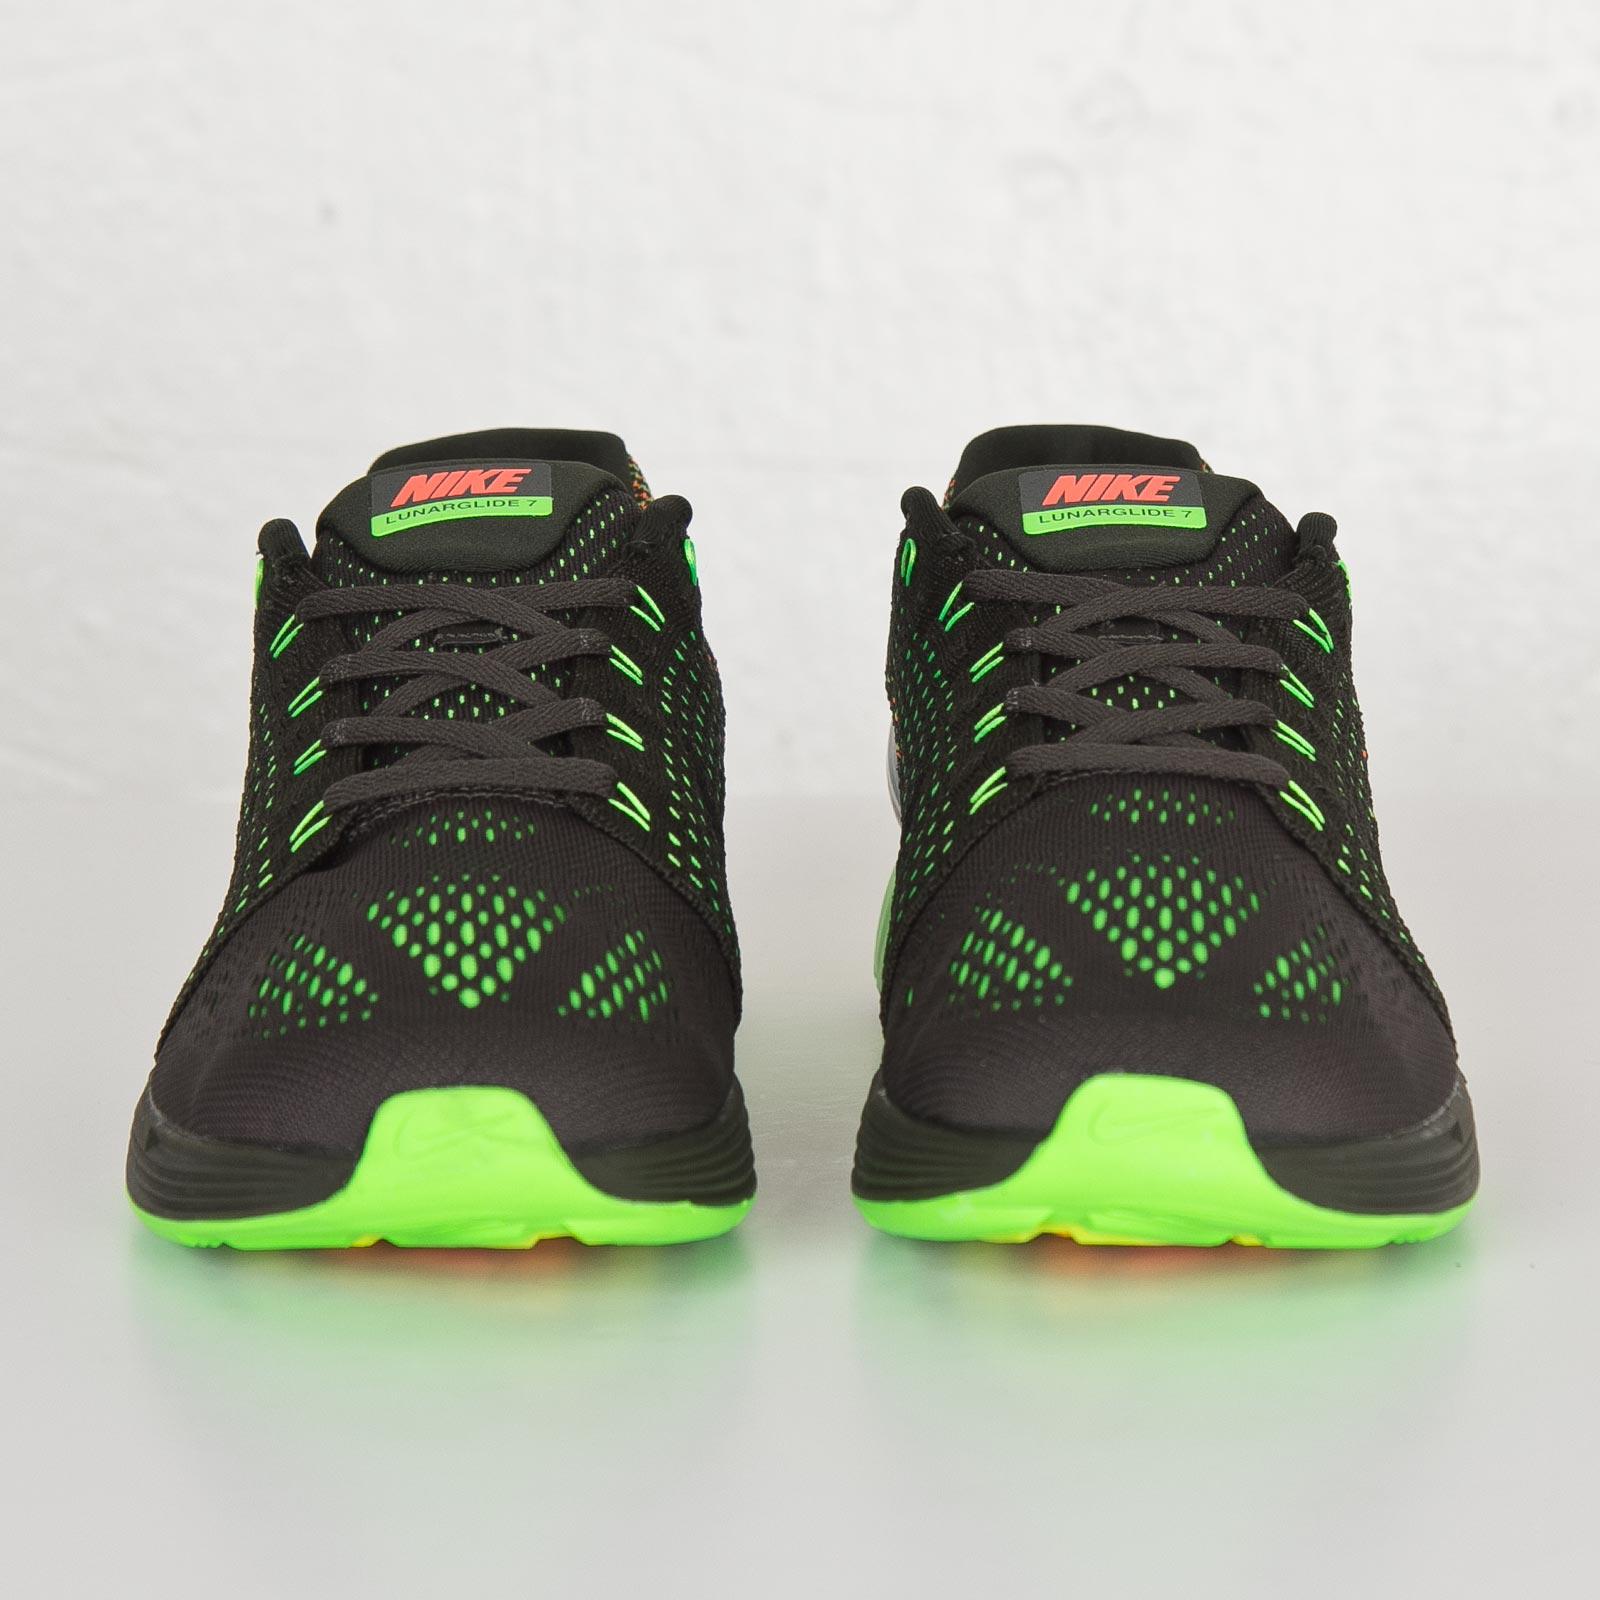 super popular eb7da 6d199 Nike Lunarglide 7 - 747355-300 - Sneakersnstuff   sneakers   streetwear  online since 1999